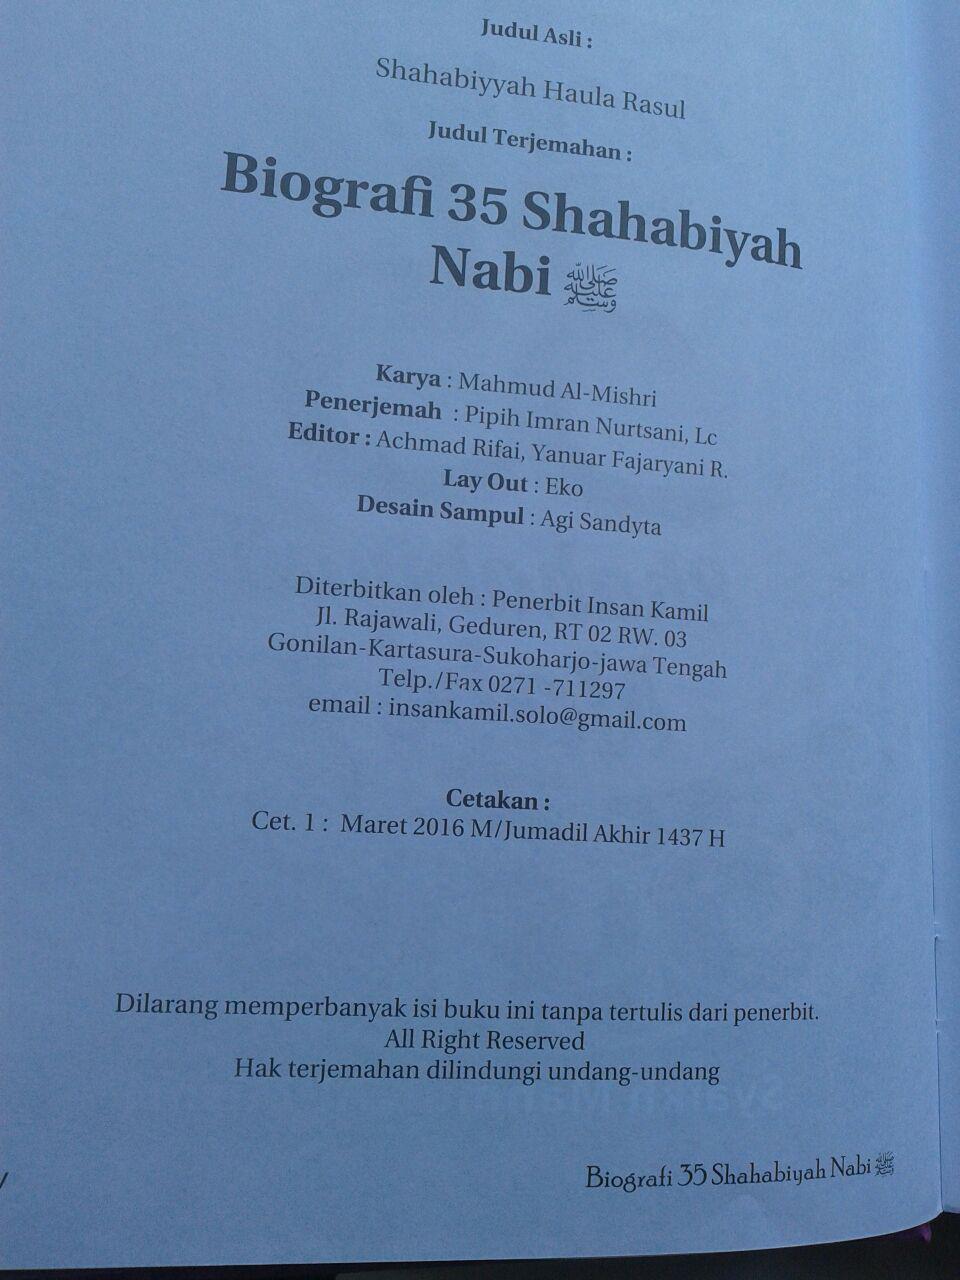 Buku Biografi 35 Shahabiyah Nabi Shallallahu Alaihi wa Sallam isi 2